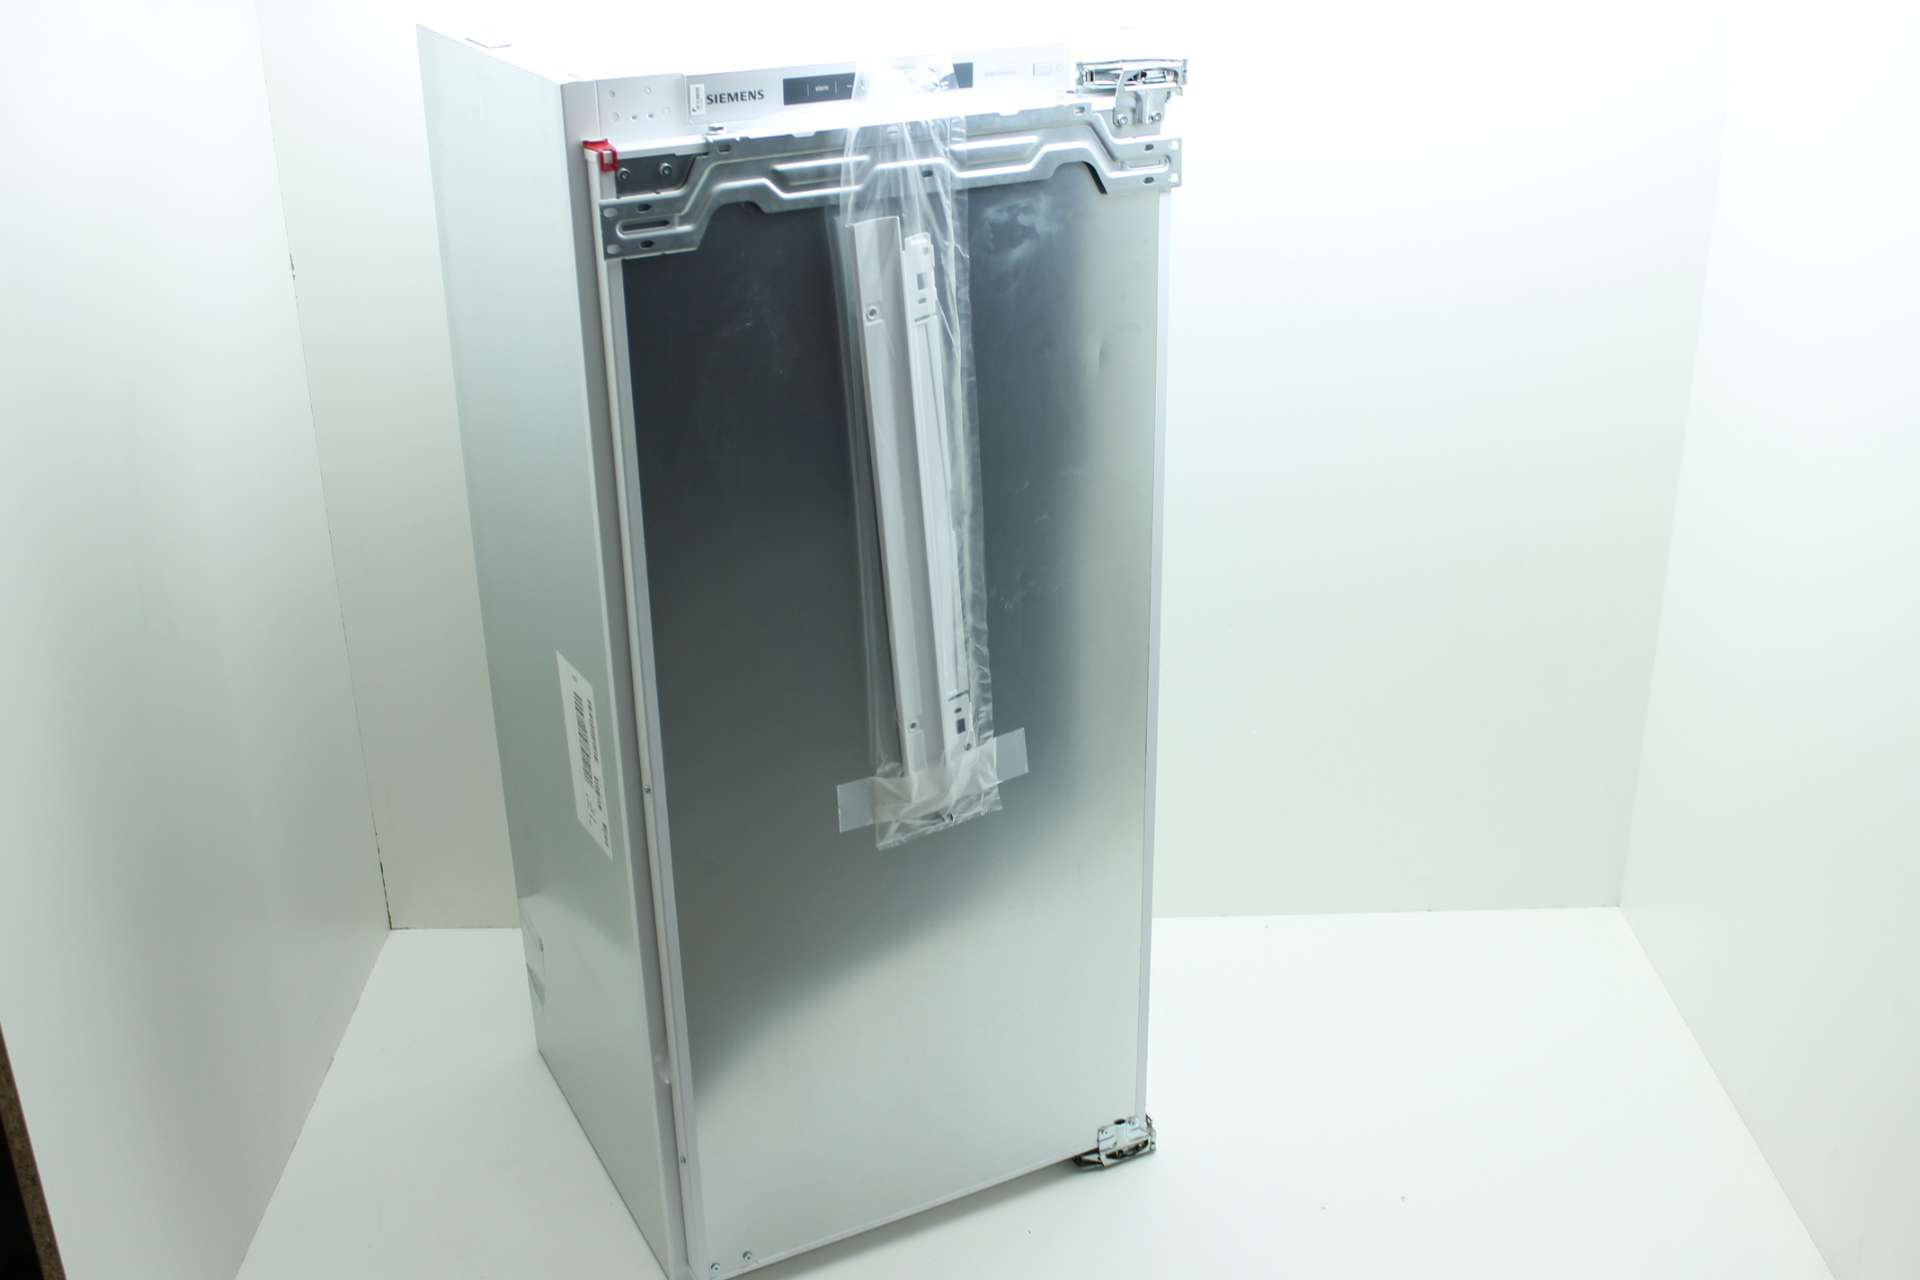 Kühlschrank Siemens : Siemens kühlschrank einbau kühlautomat ki laf neu unbenutzt